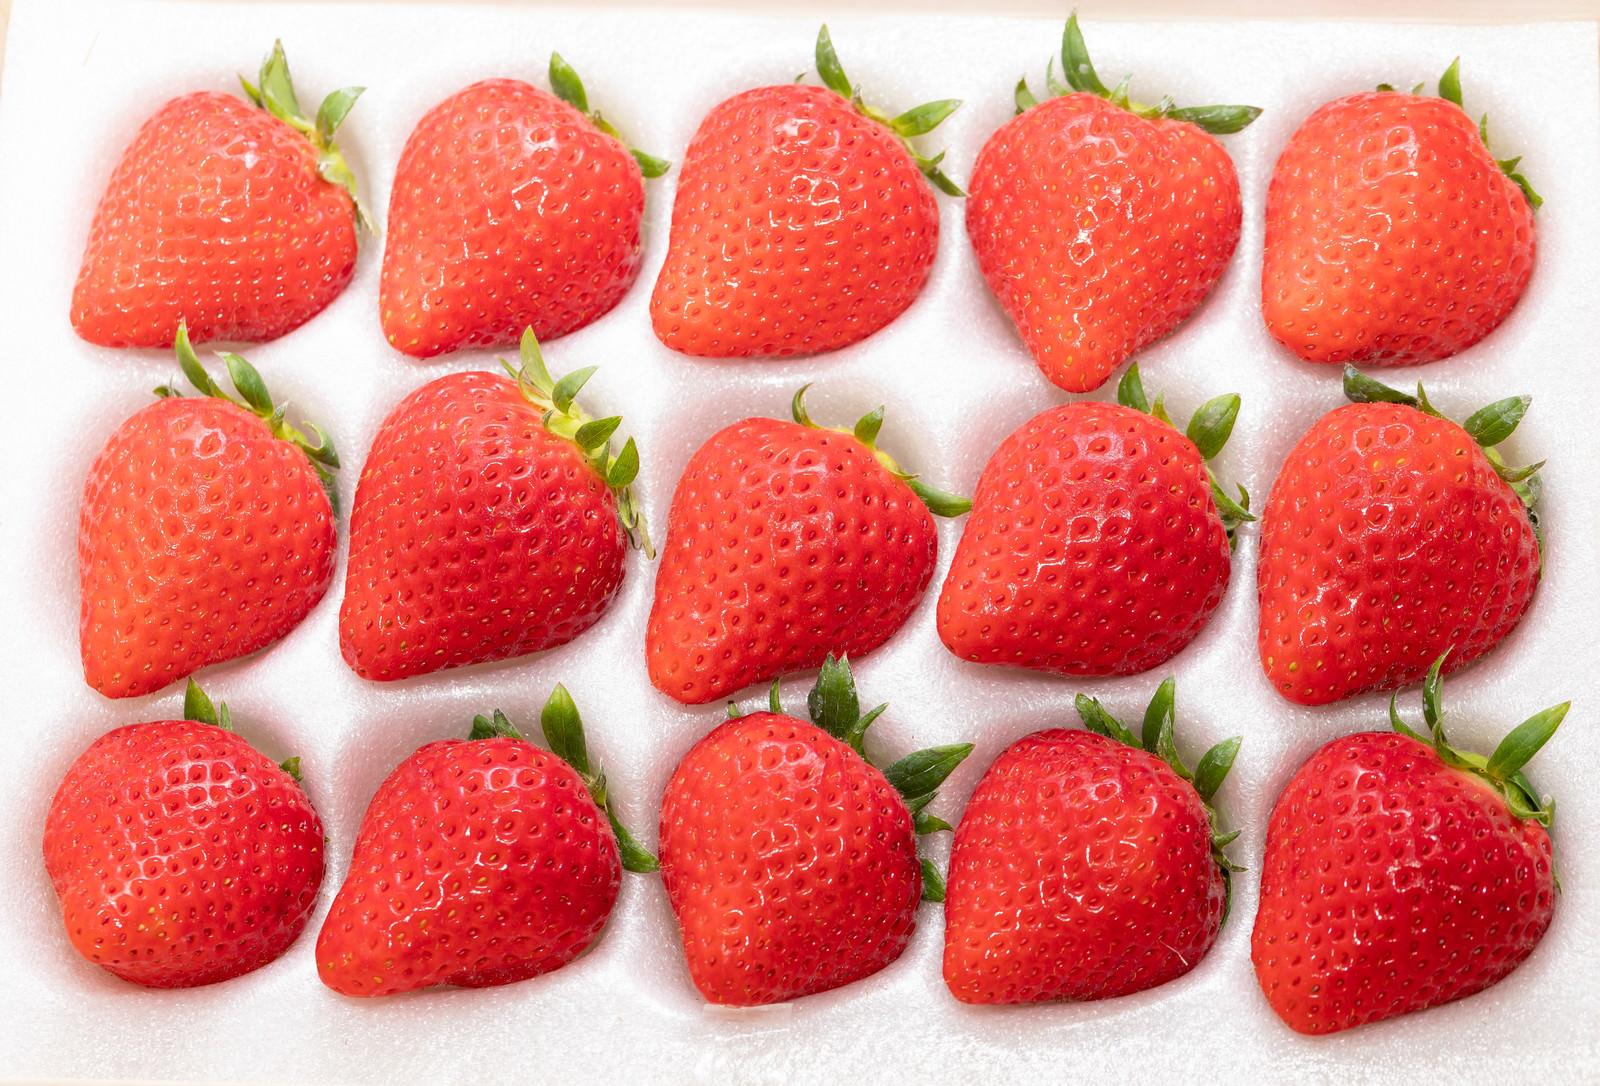 「整った形の高級苺」の写真